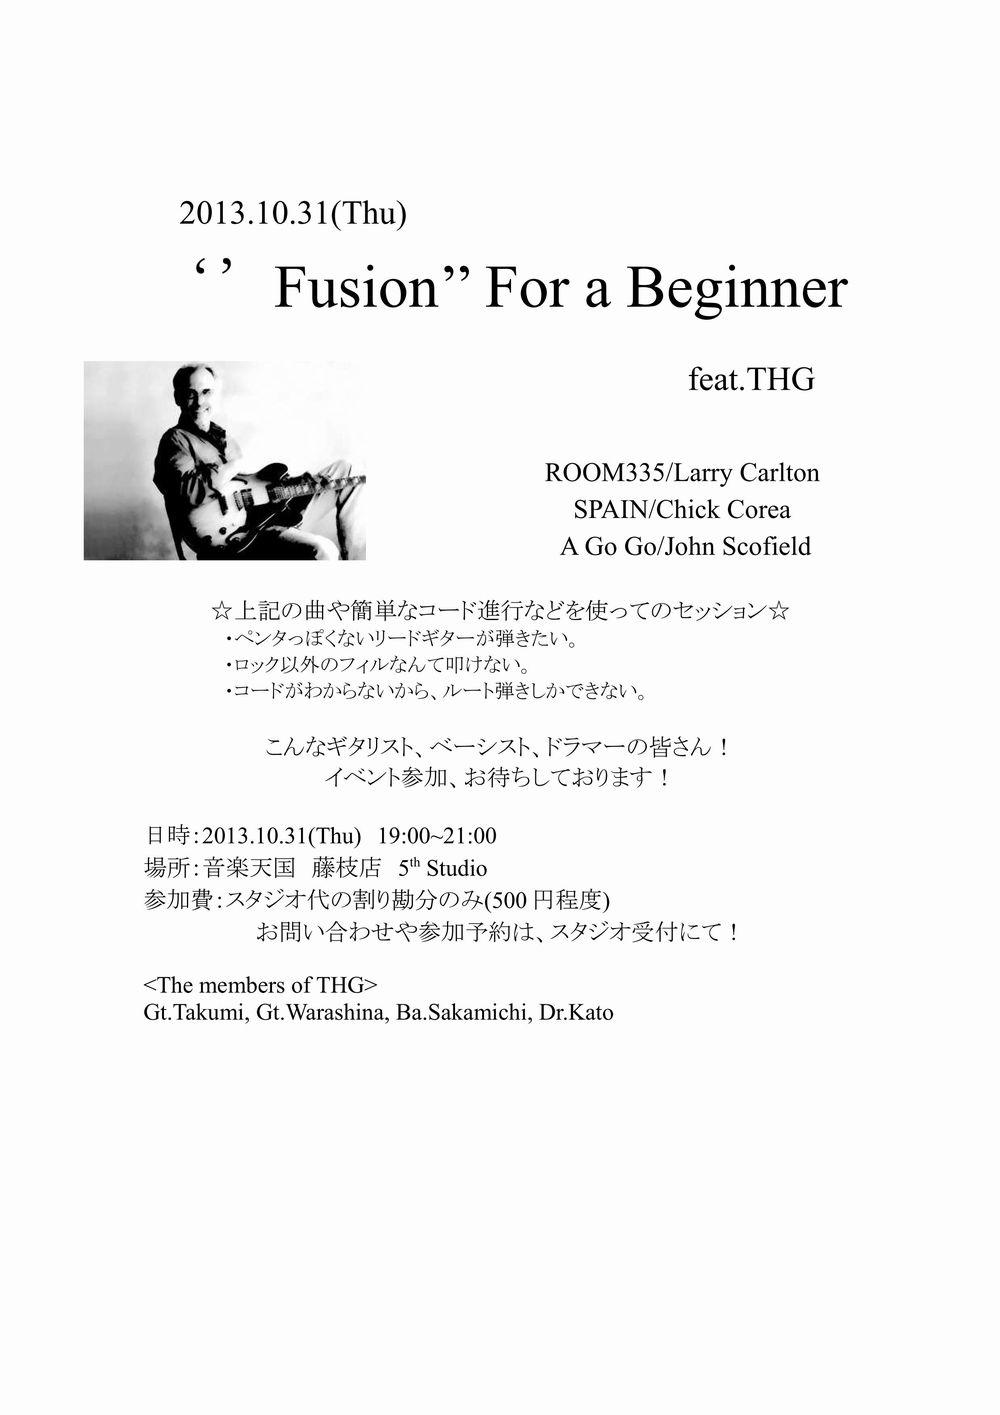 フュージョン・セッション天国@藤枝店10月31日(木)初開催!